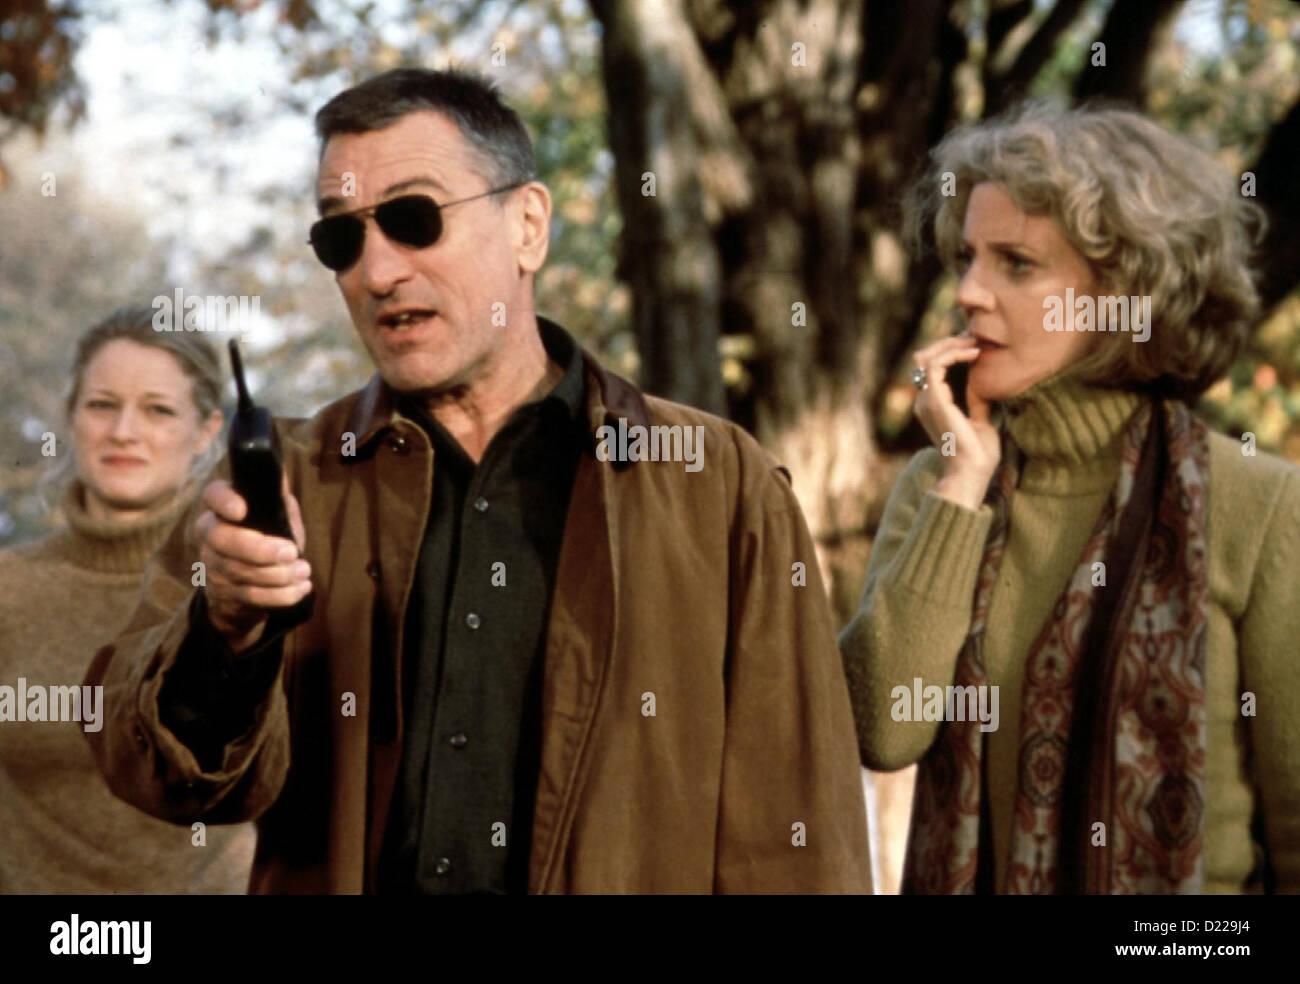 Meine Braut, Ihr Vater Und Ich  Meet Parents  Pam Byrnes (Teri Polo), Jack Byrnes (Robert De Niro), Dina Byrnes - Stock Image